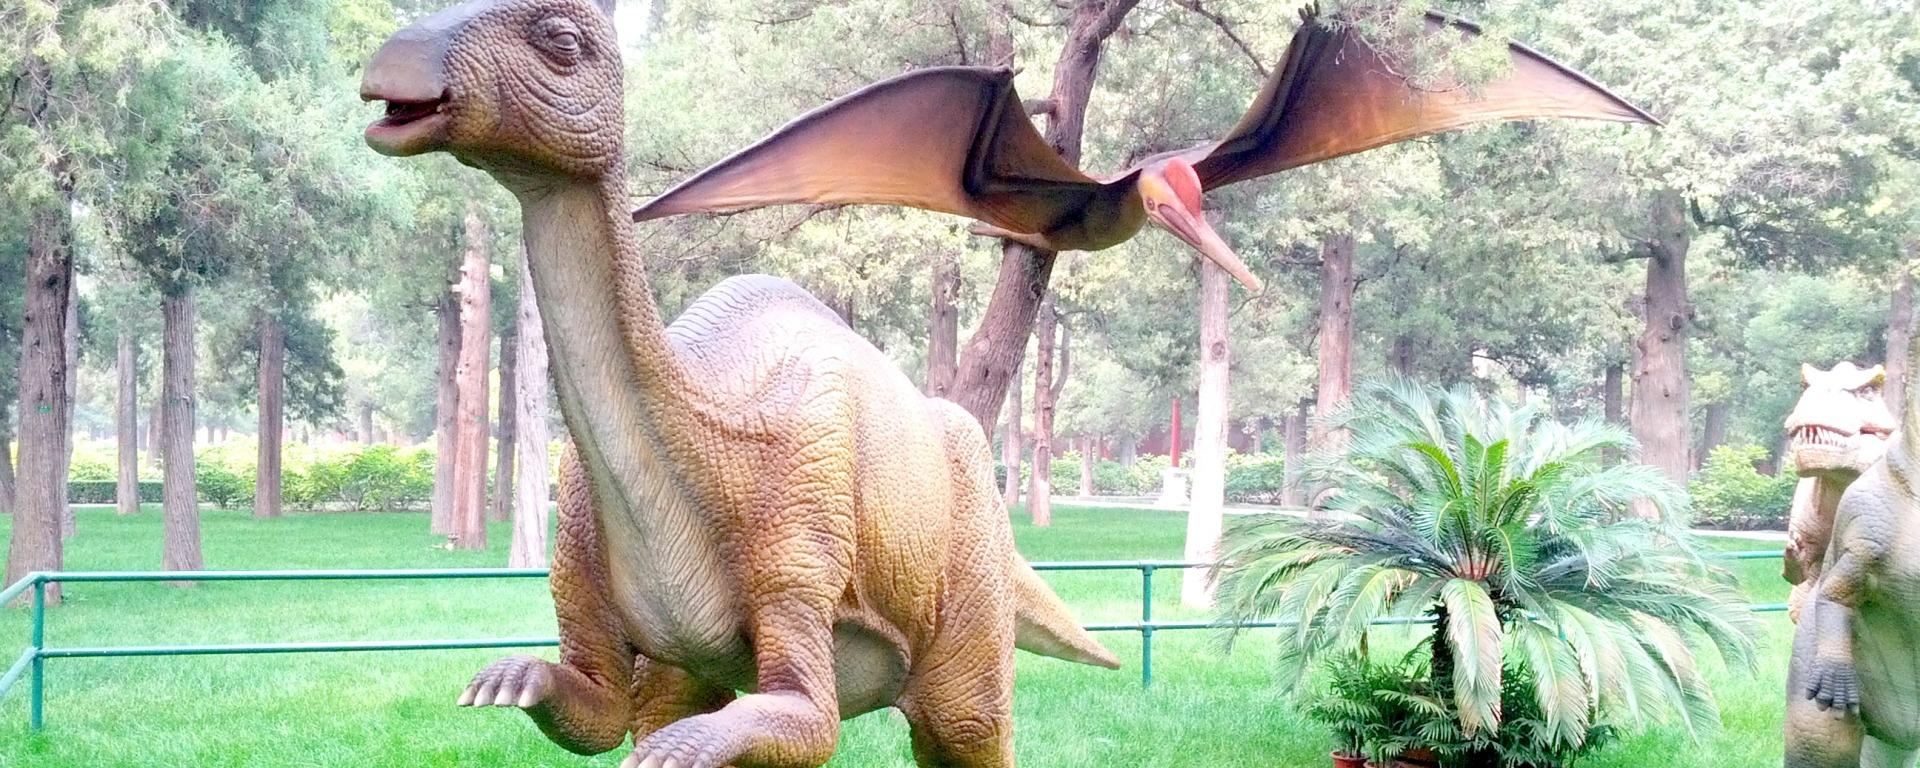 Dinosaurs Beijing